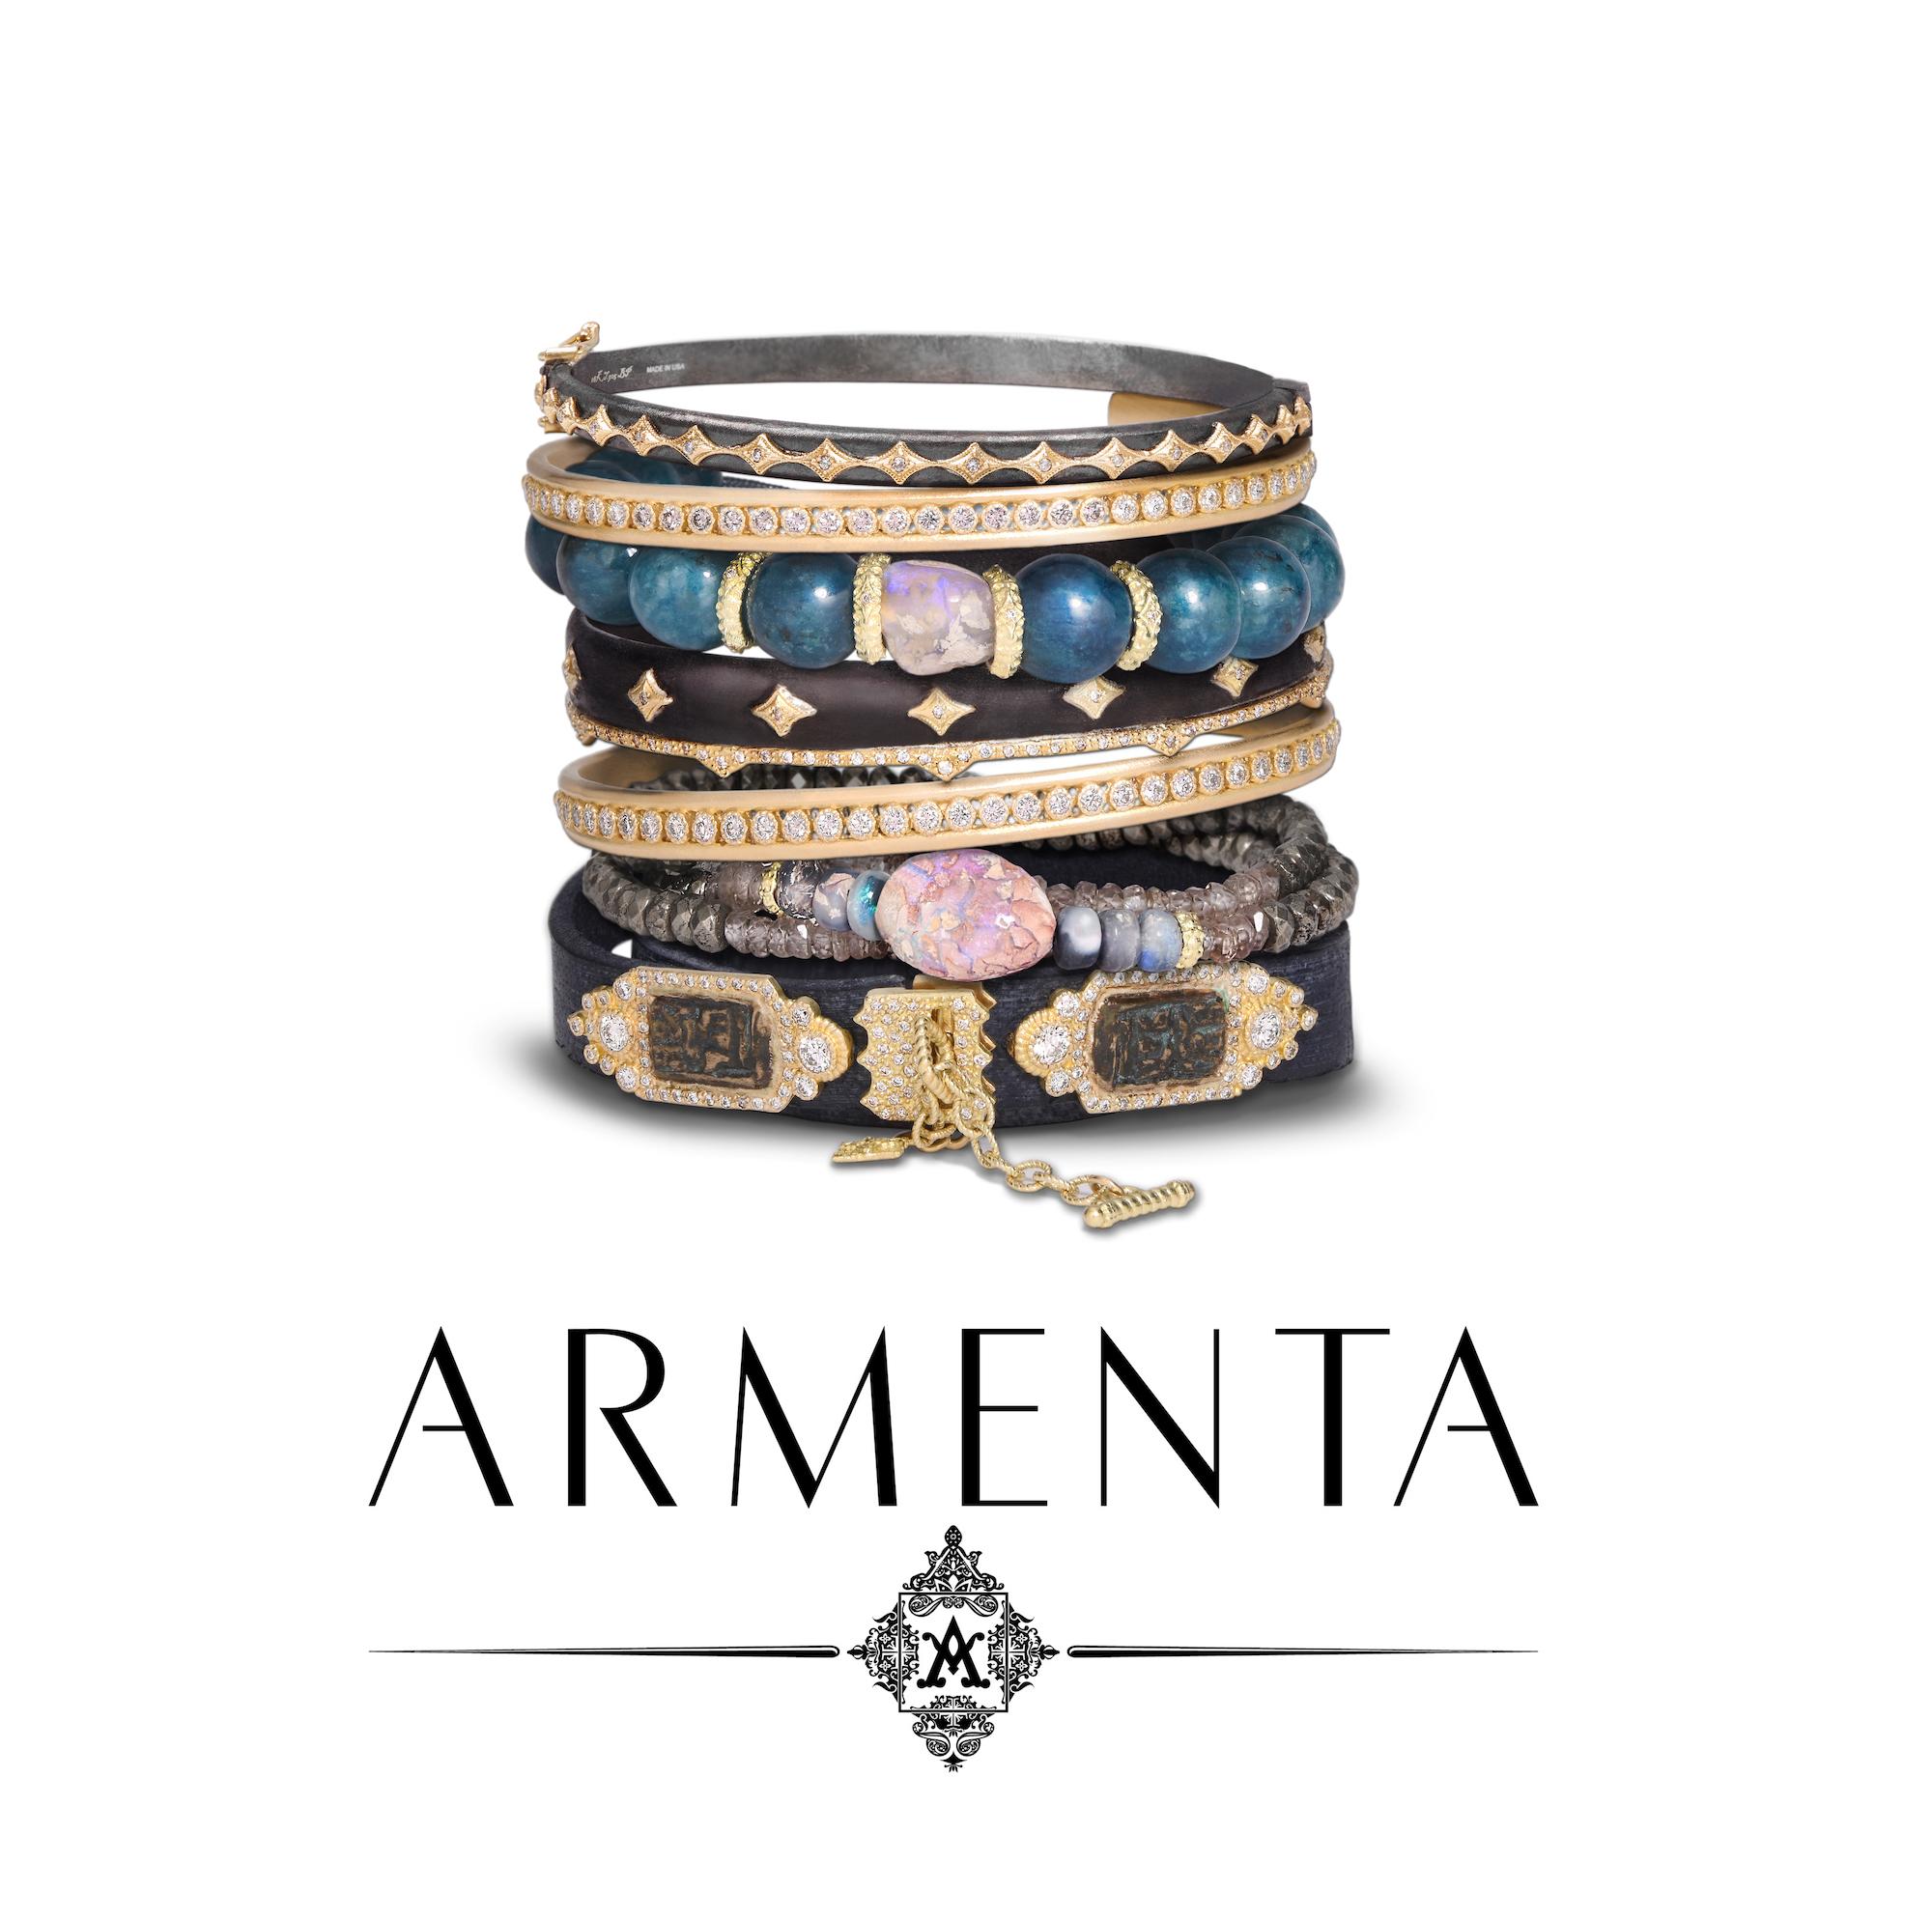 ARMENTA STACK-Julie Calo.jpg